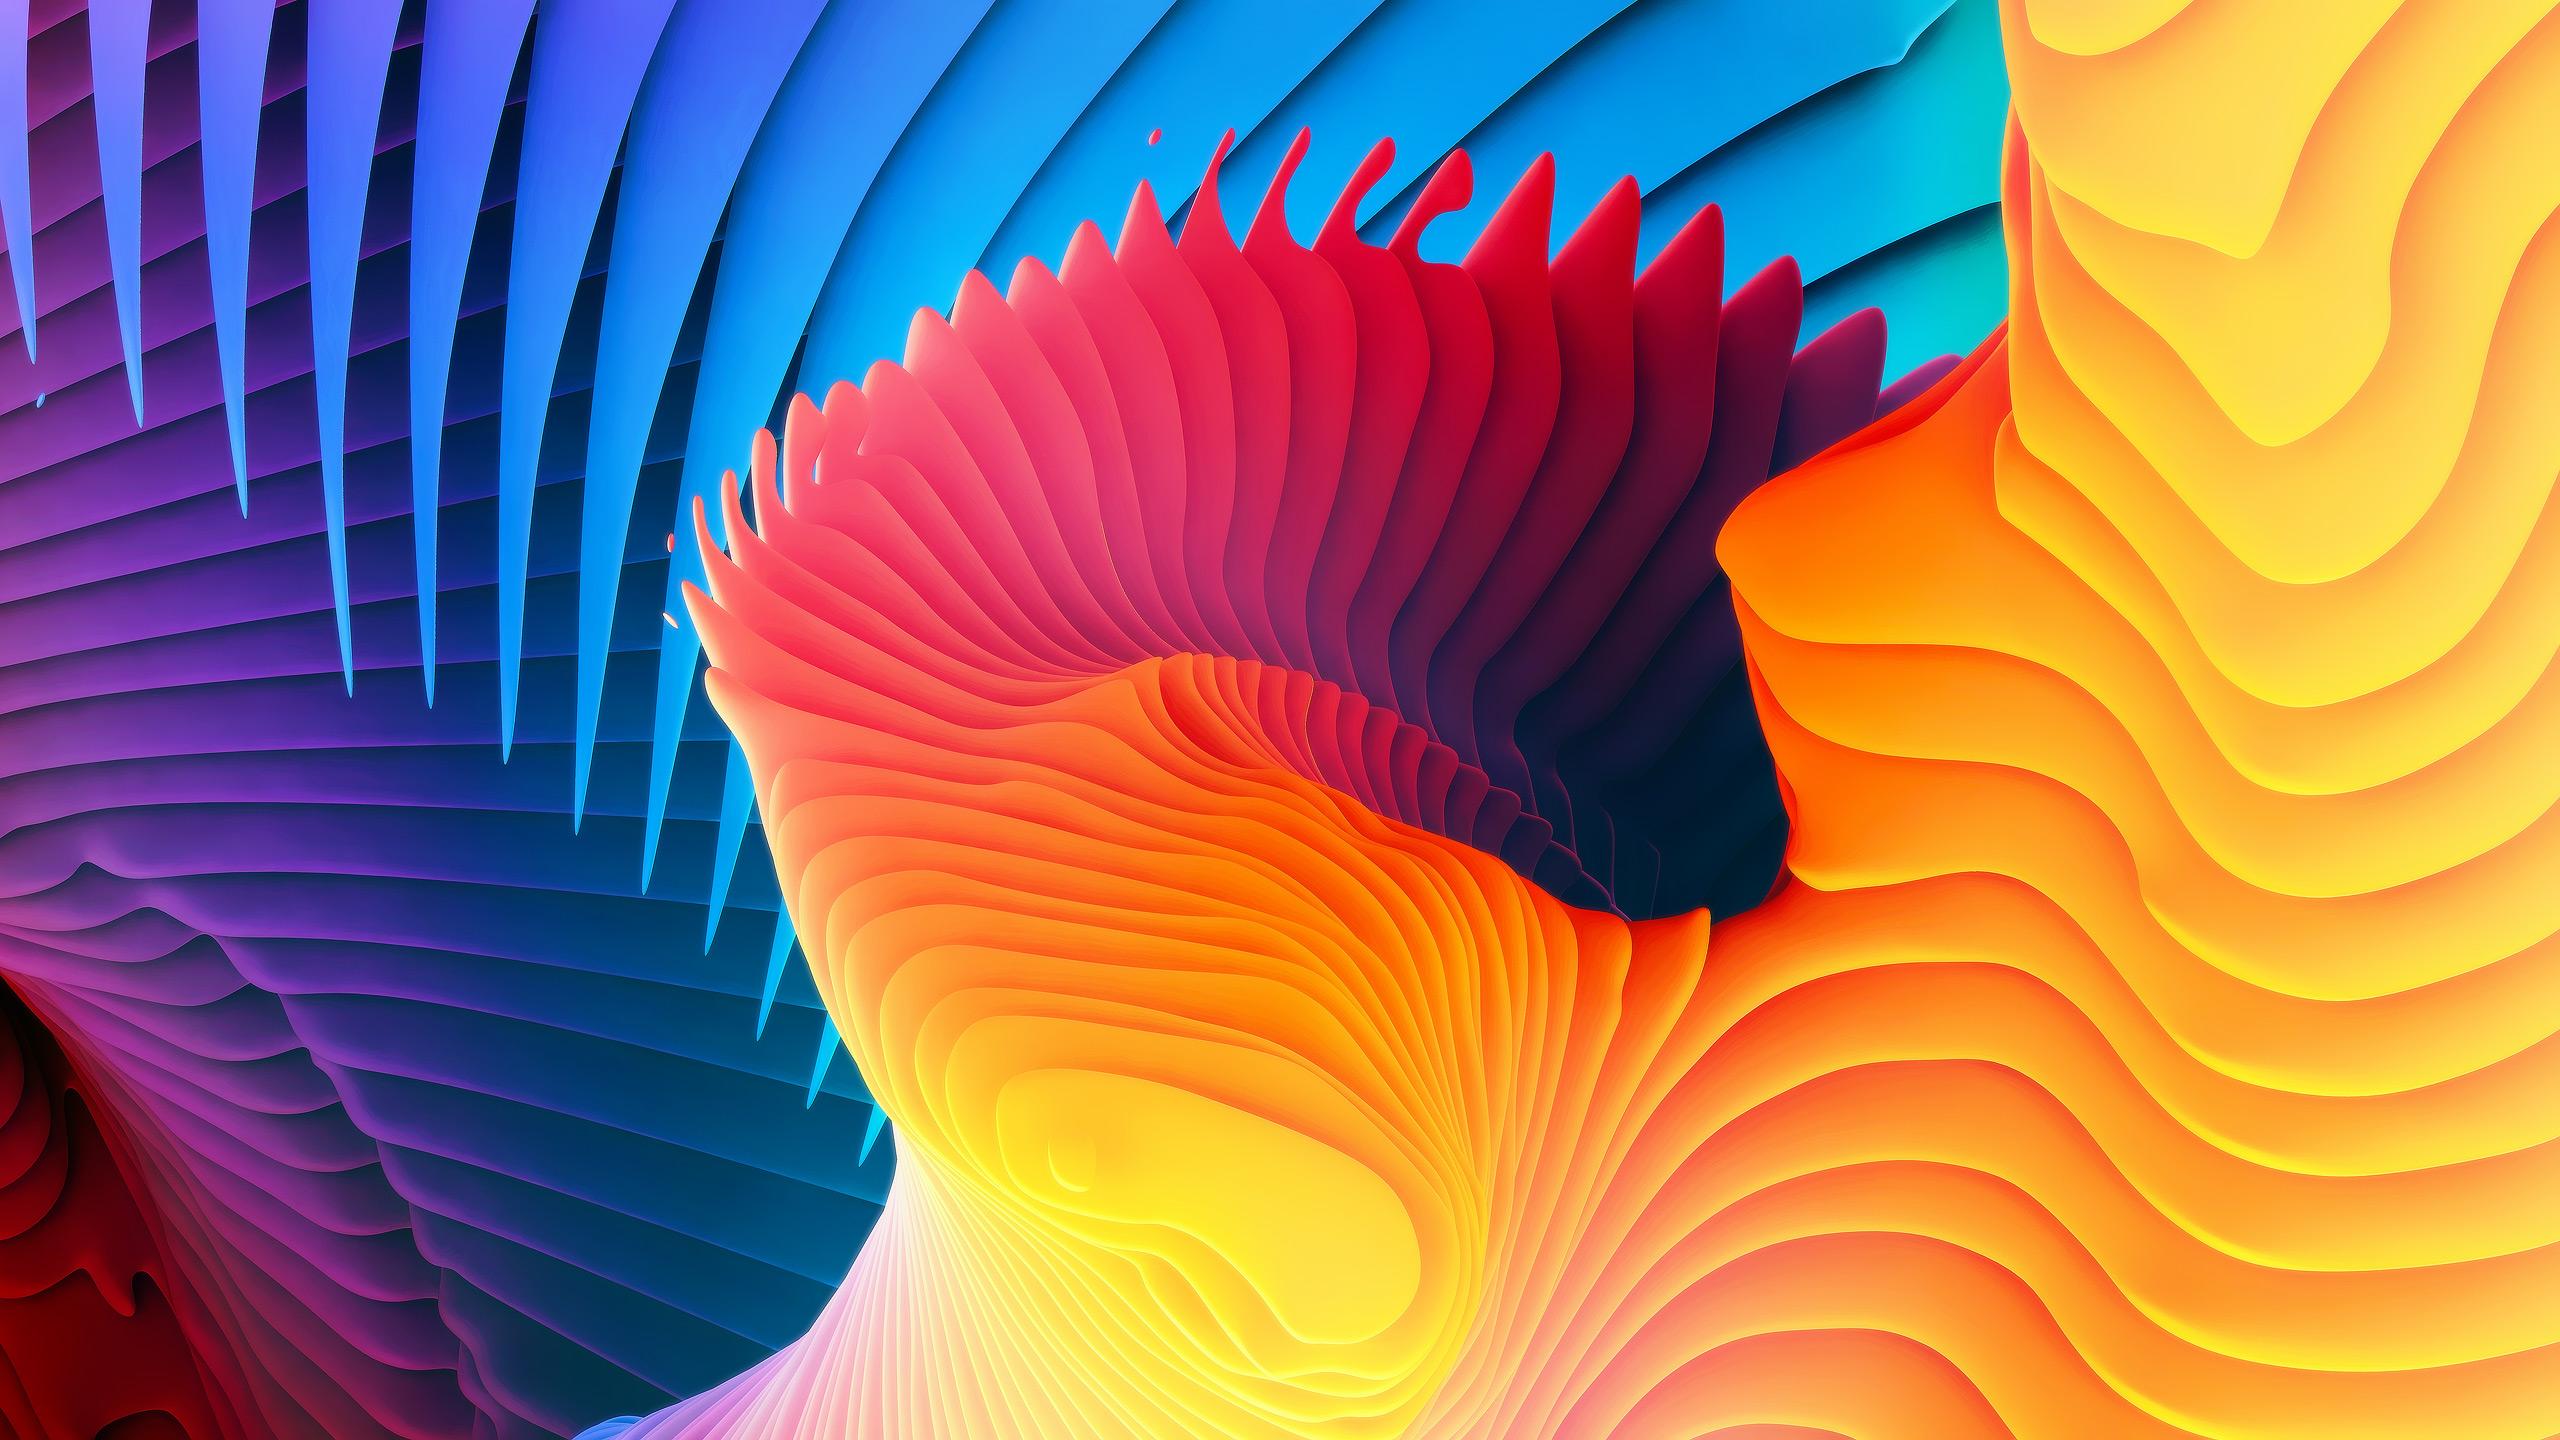 Hd fluid spiral waves wallpaper - Fluid wallpaper ...